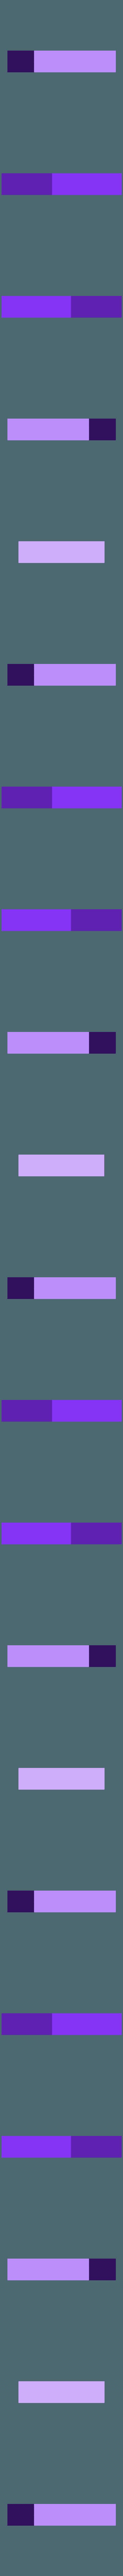 8bitheart_white.STL Télécharger fichier STL gratuit Coeur multi-couleur 8 bits • Objet à imprimer en 3D, MosaicManufacturing